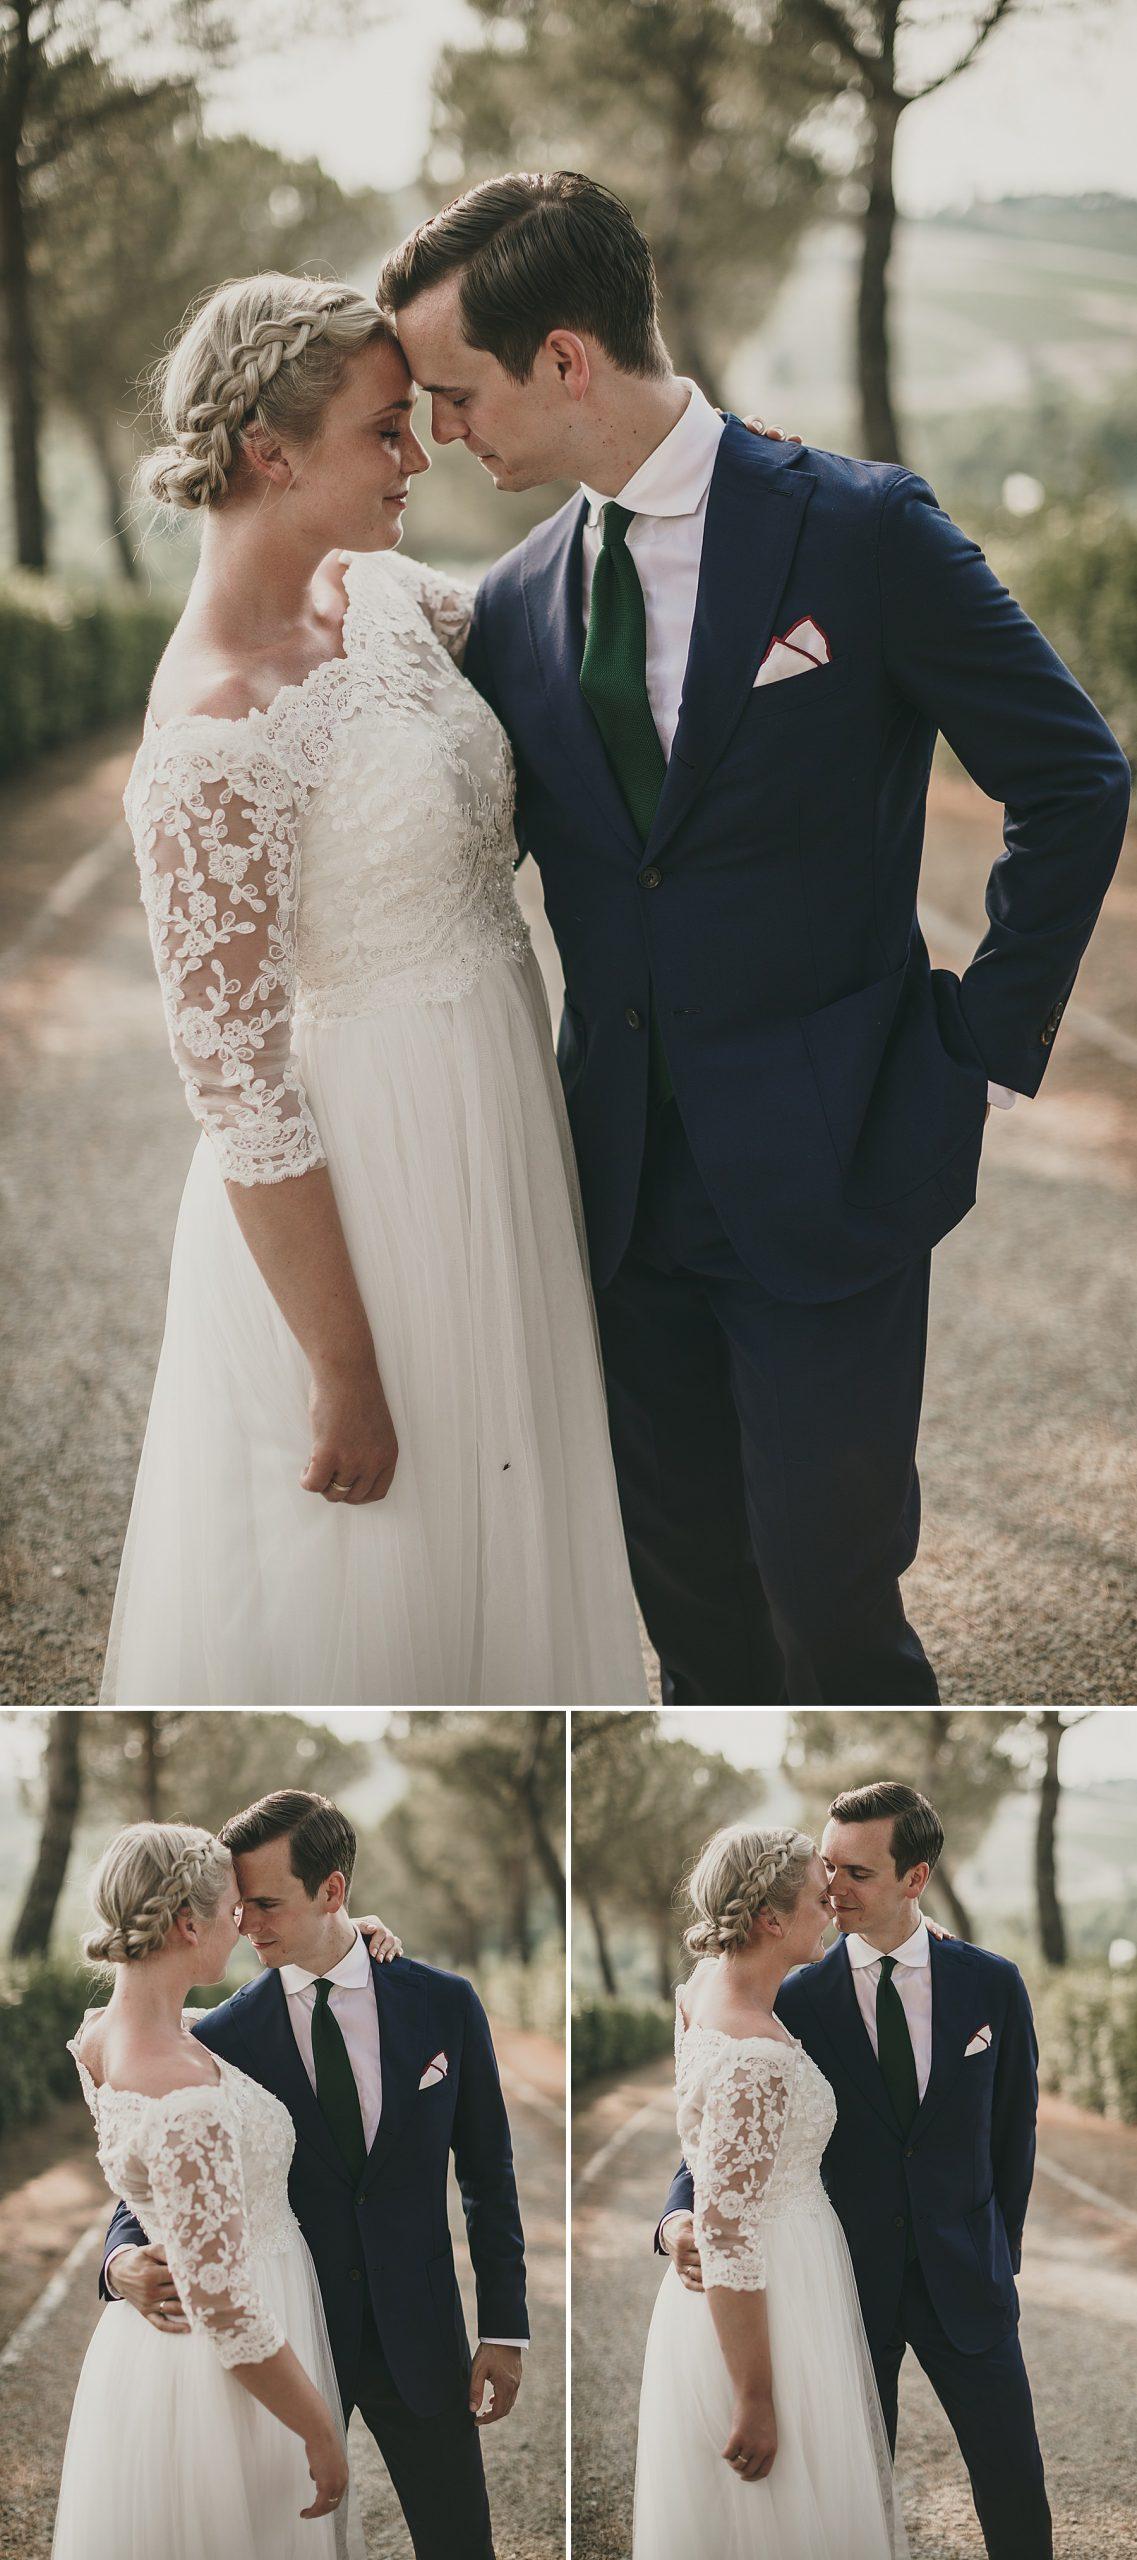 Coppia di sposi in un bellissimo viale alberato